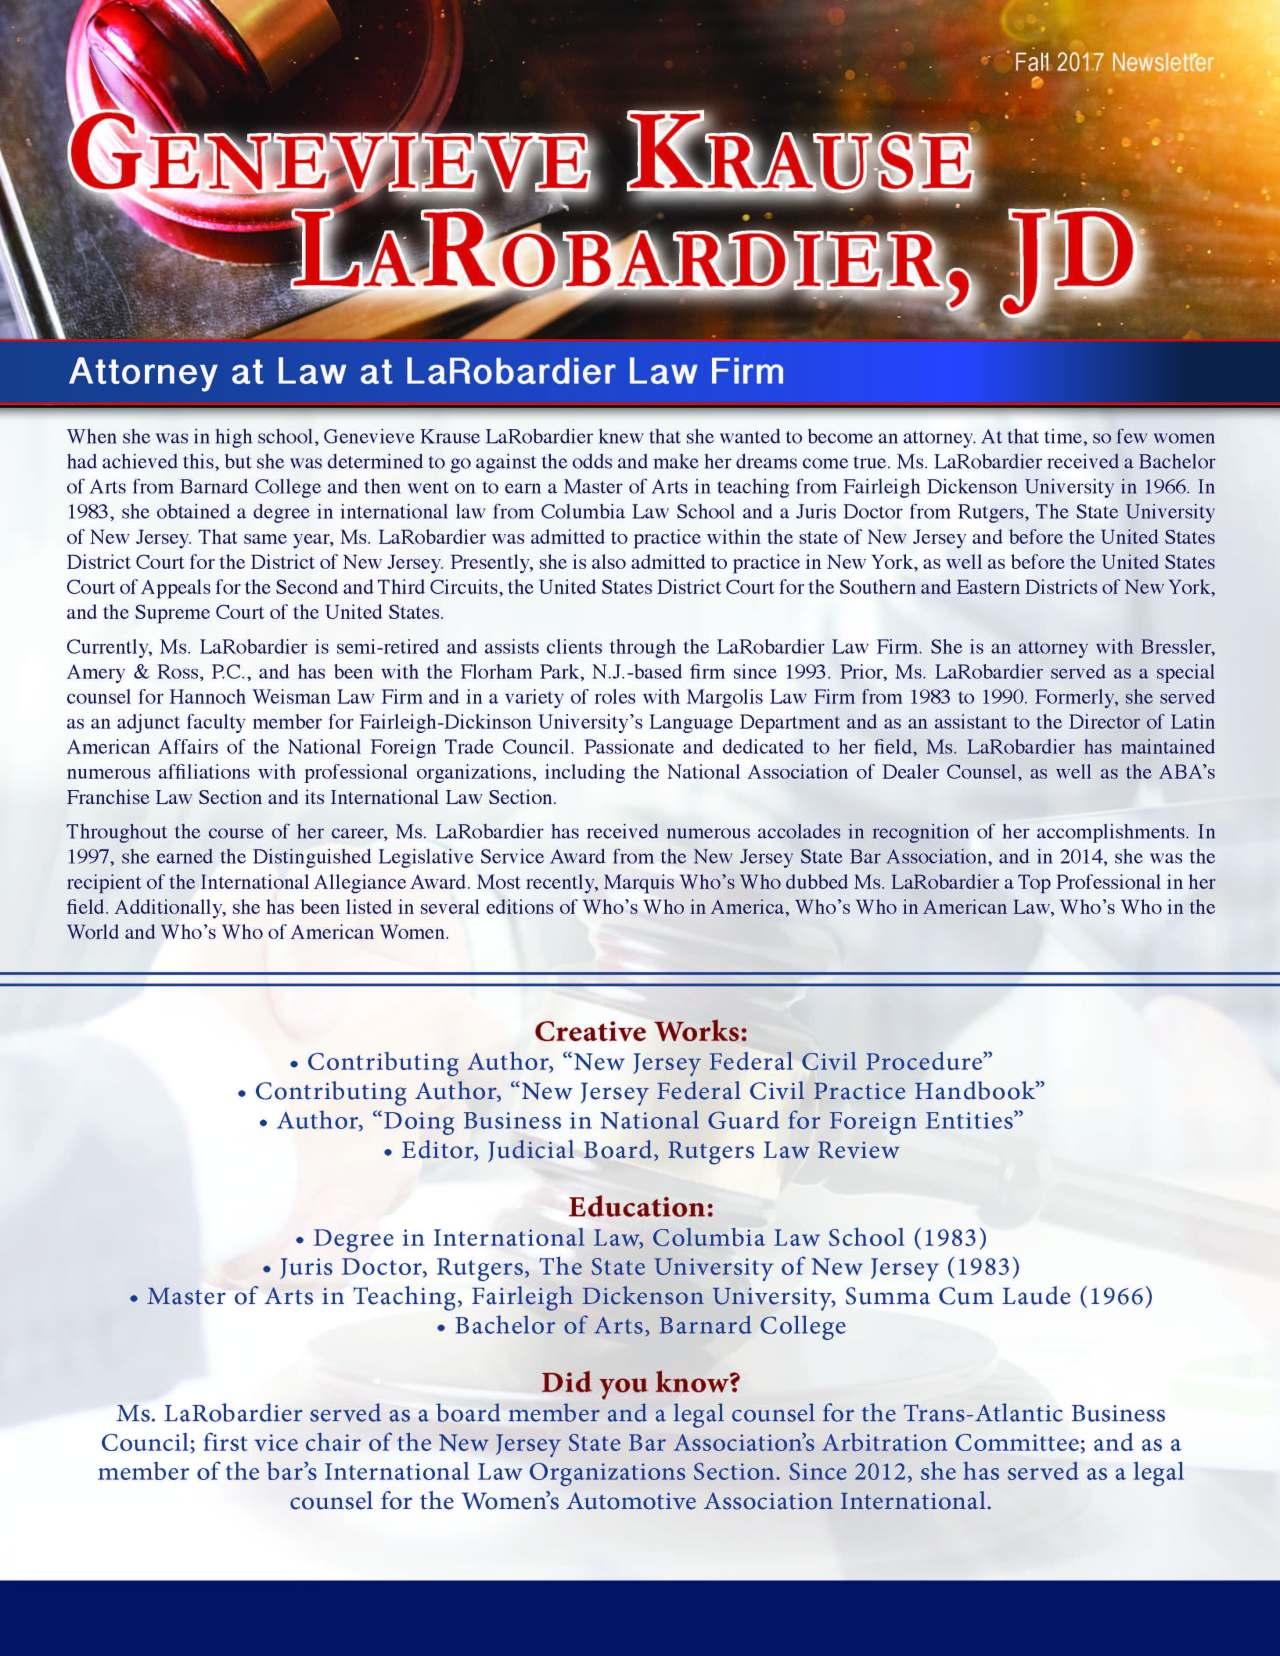 LaRobardier, Genevieve 2211403_32436039 Newsletter.jpg